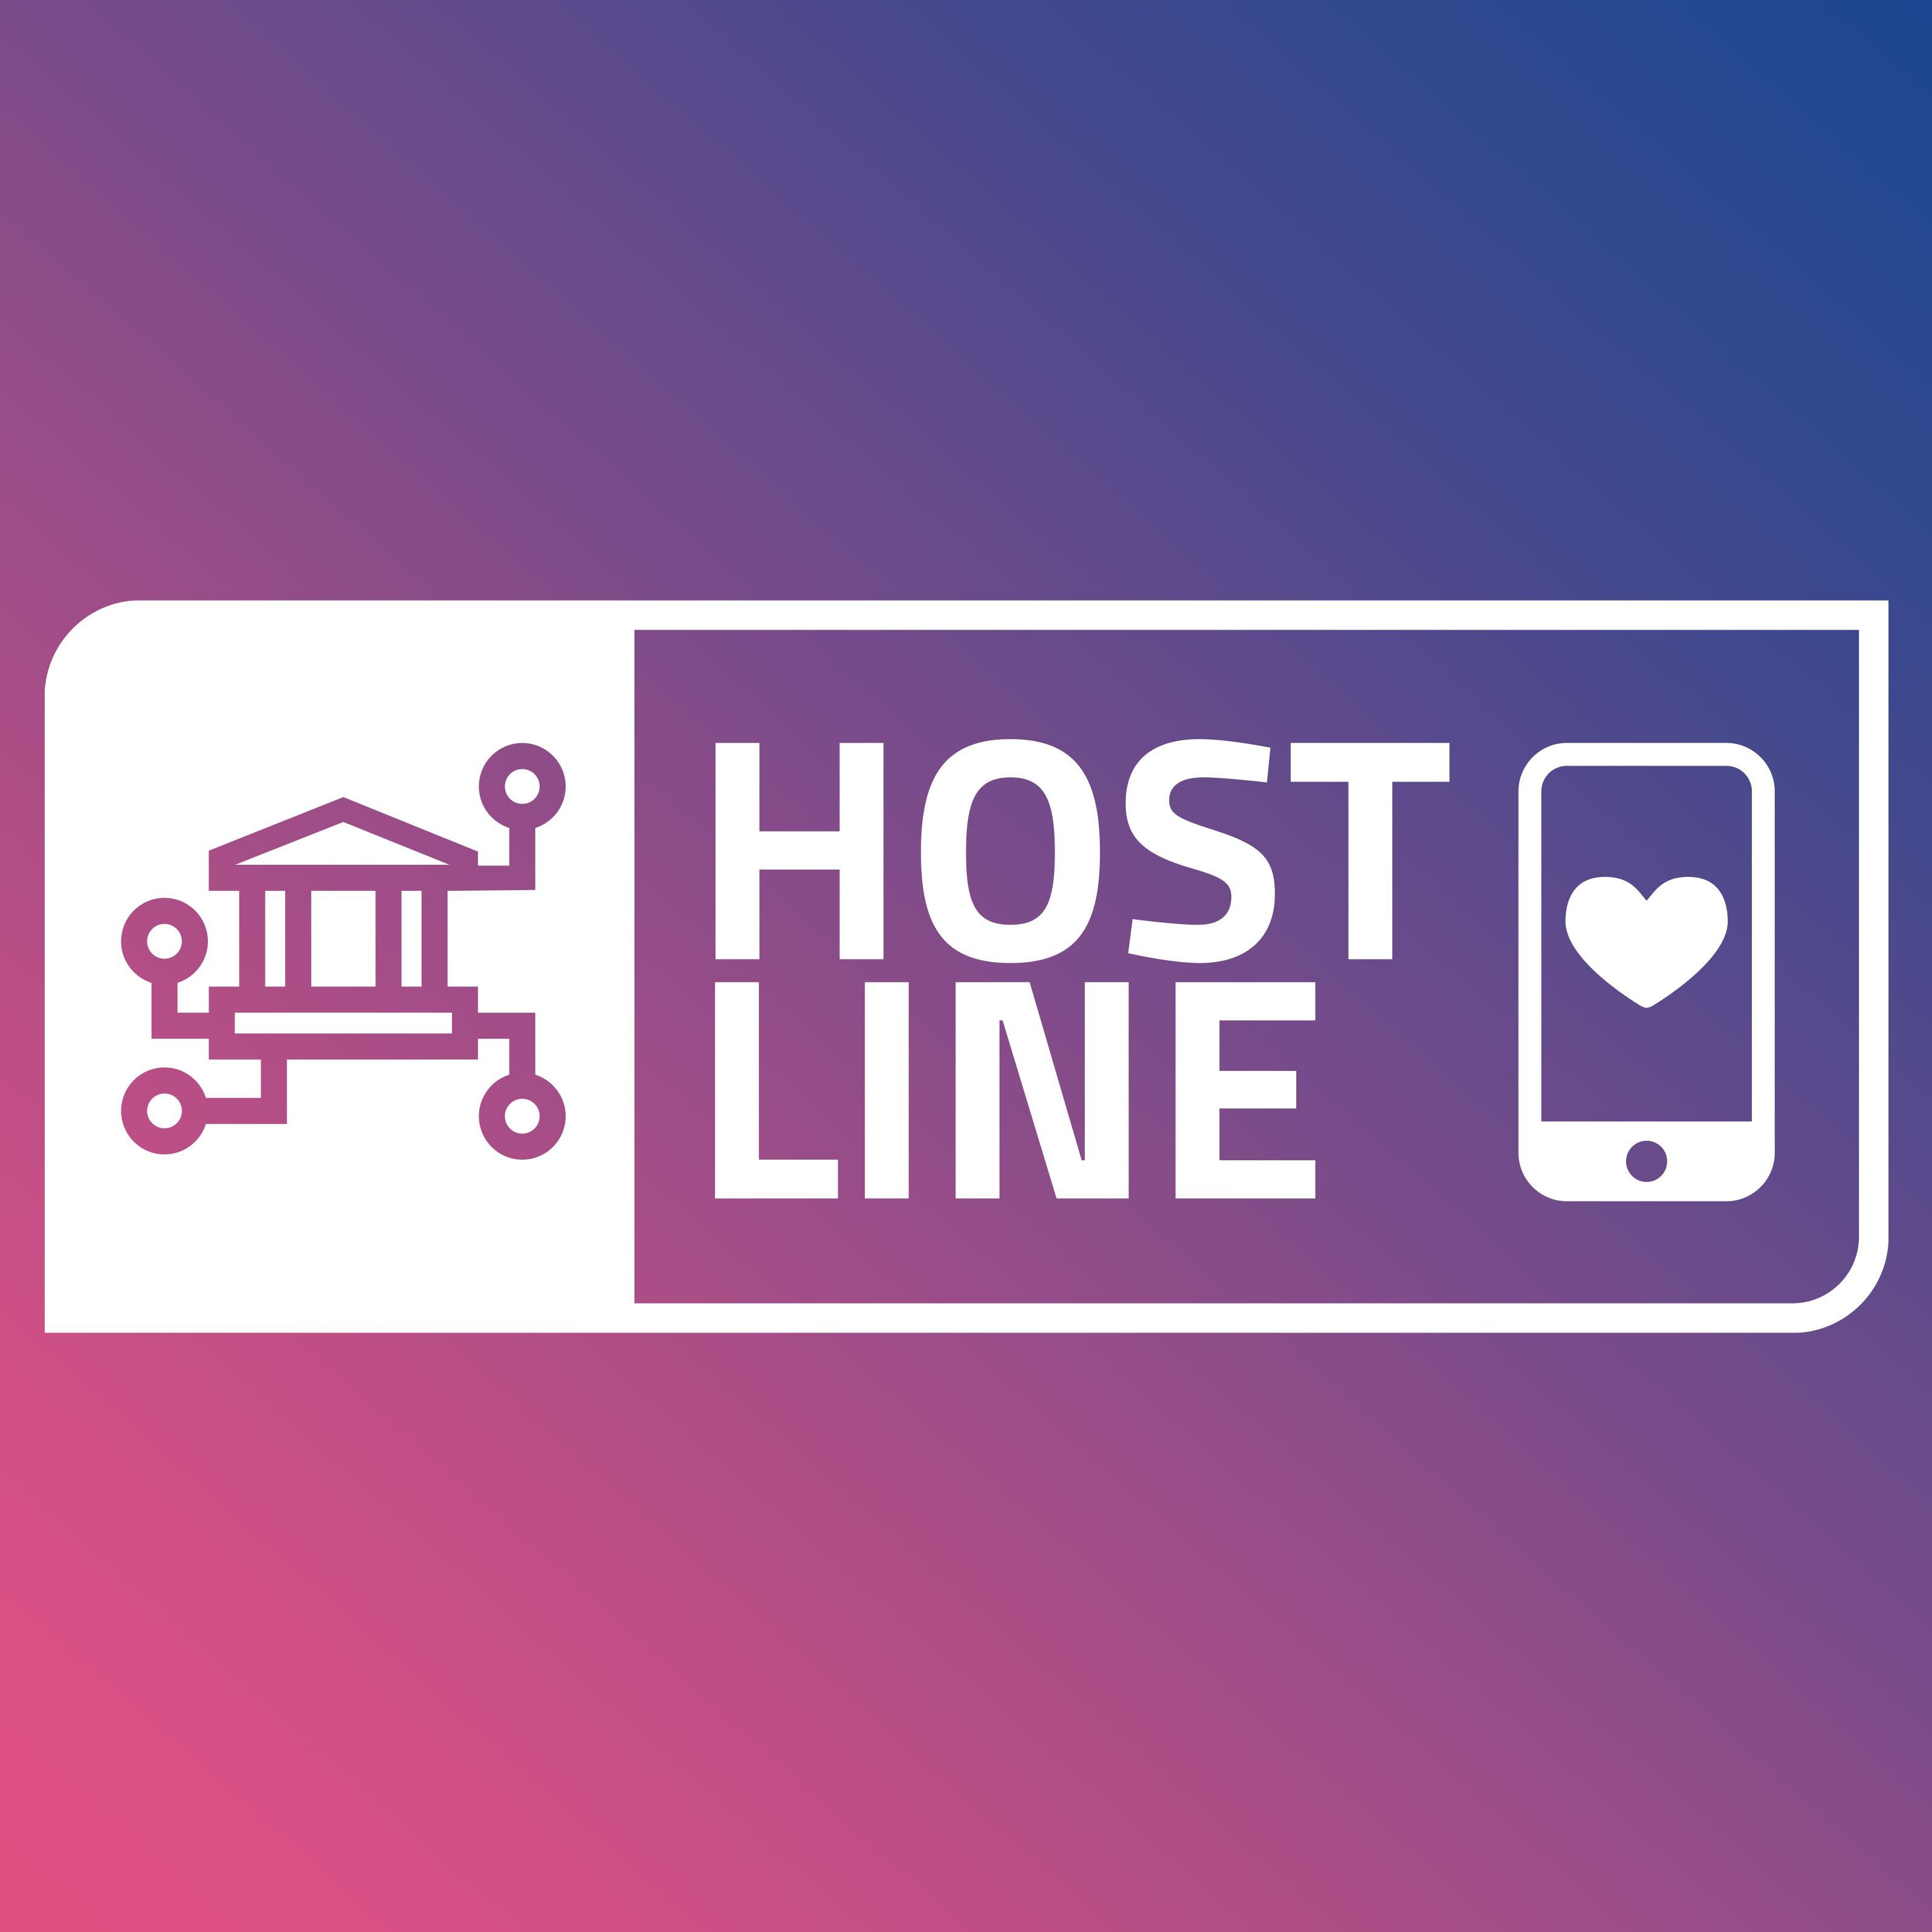 DEH2020_hostline_tease.jpg